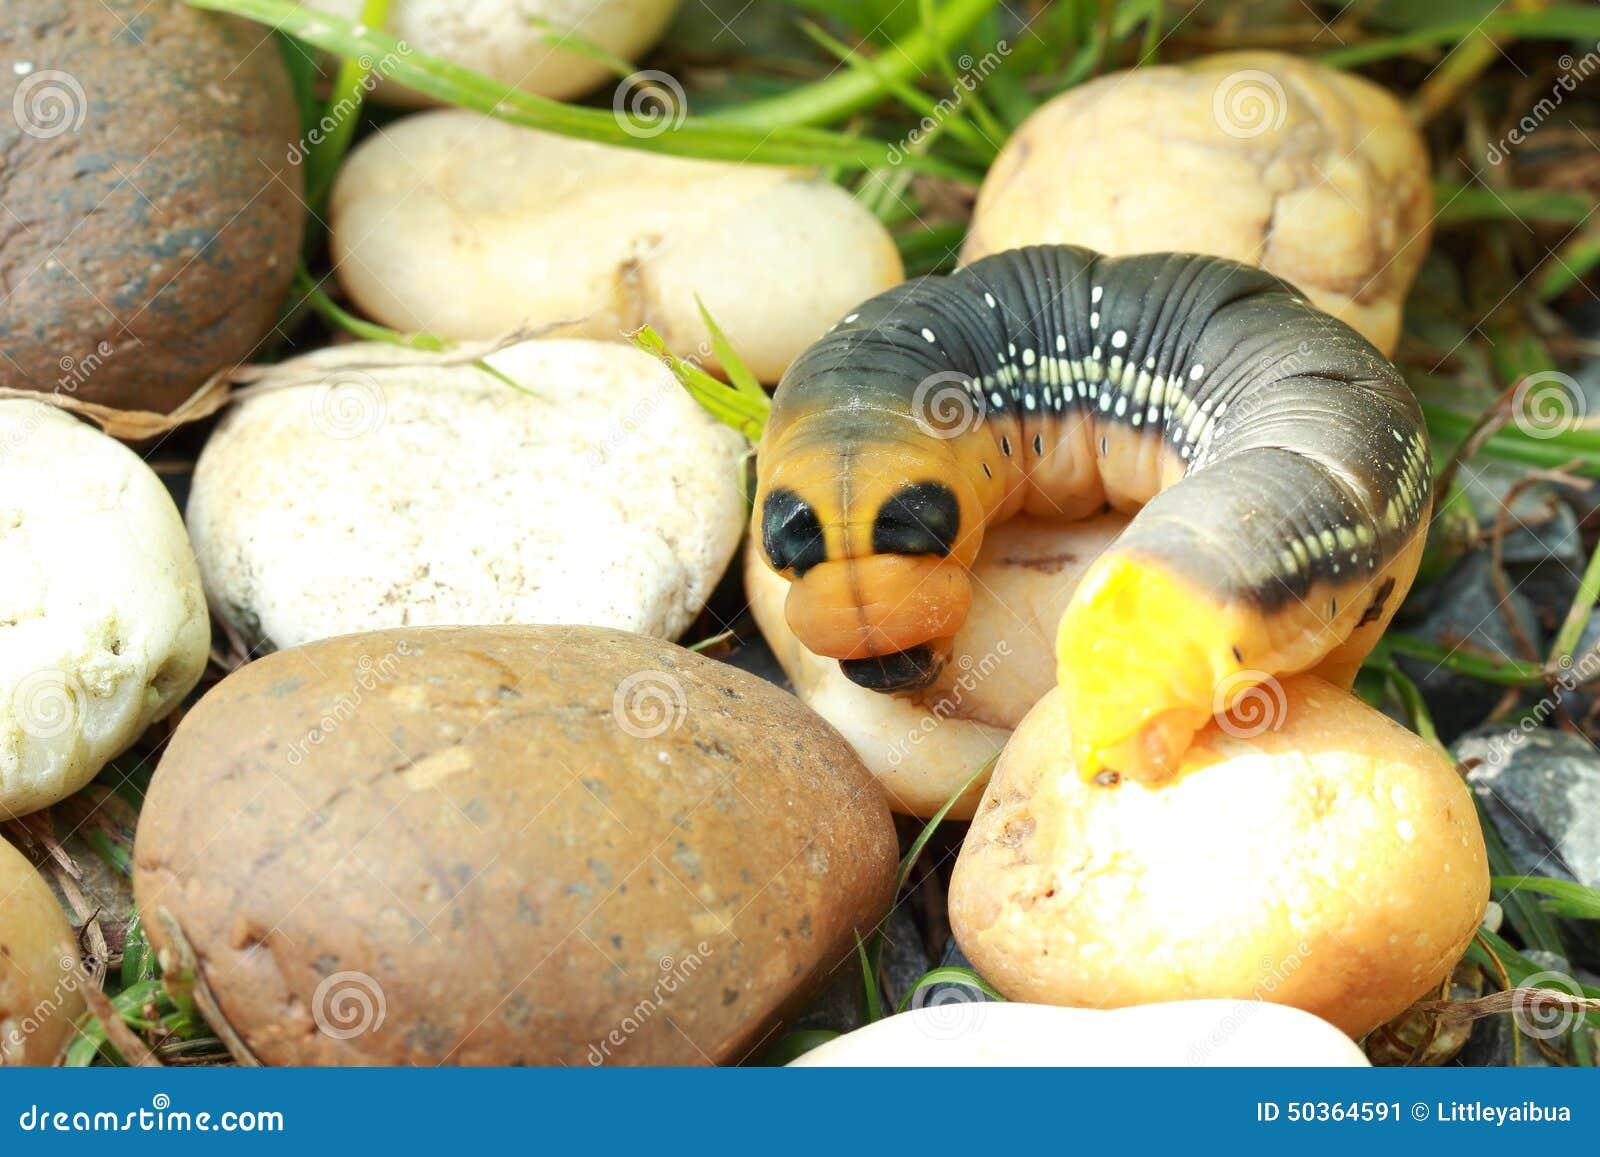 Grande chenille jaune et noire dans le jardin photo stock image 50364591 - Chenille jaune et noire danger ...